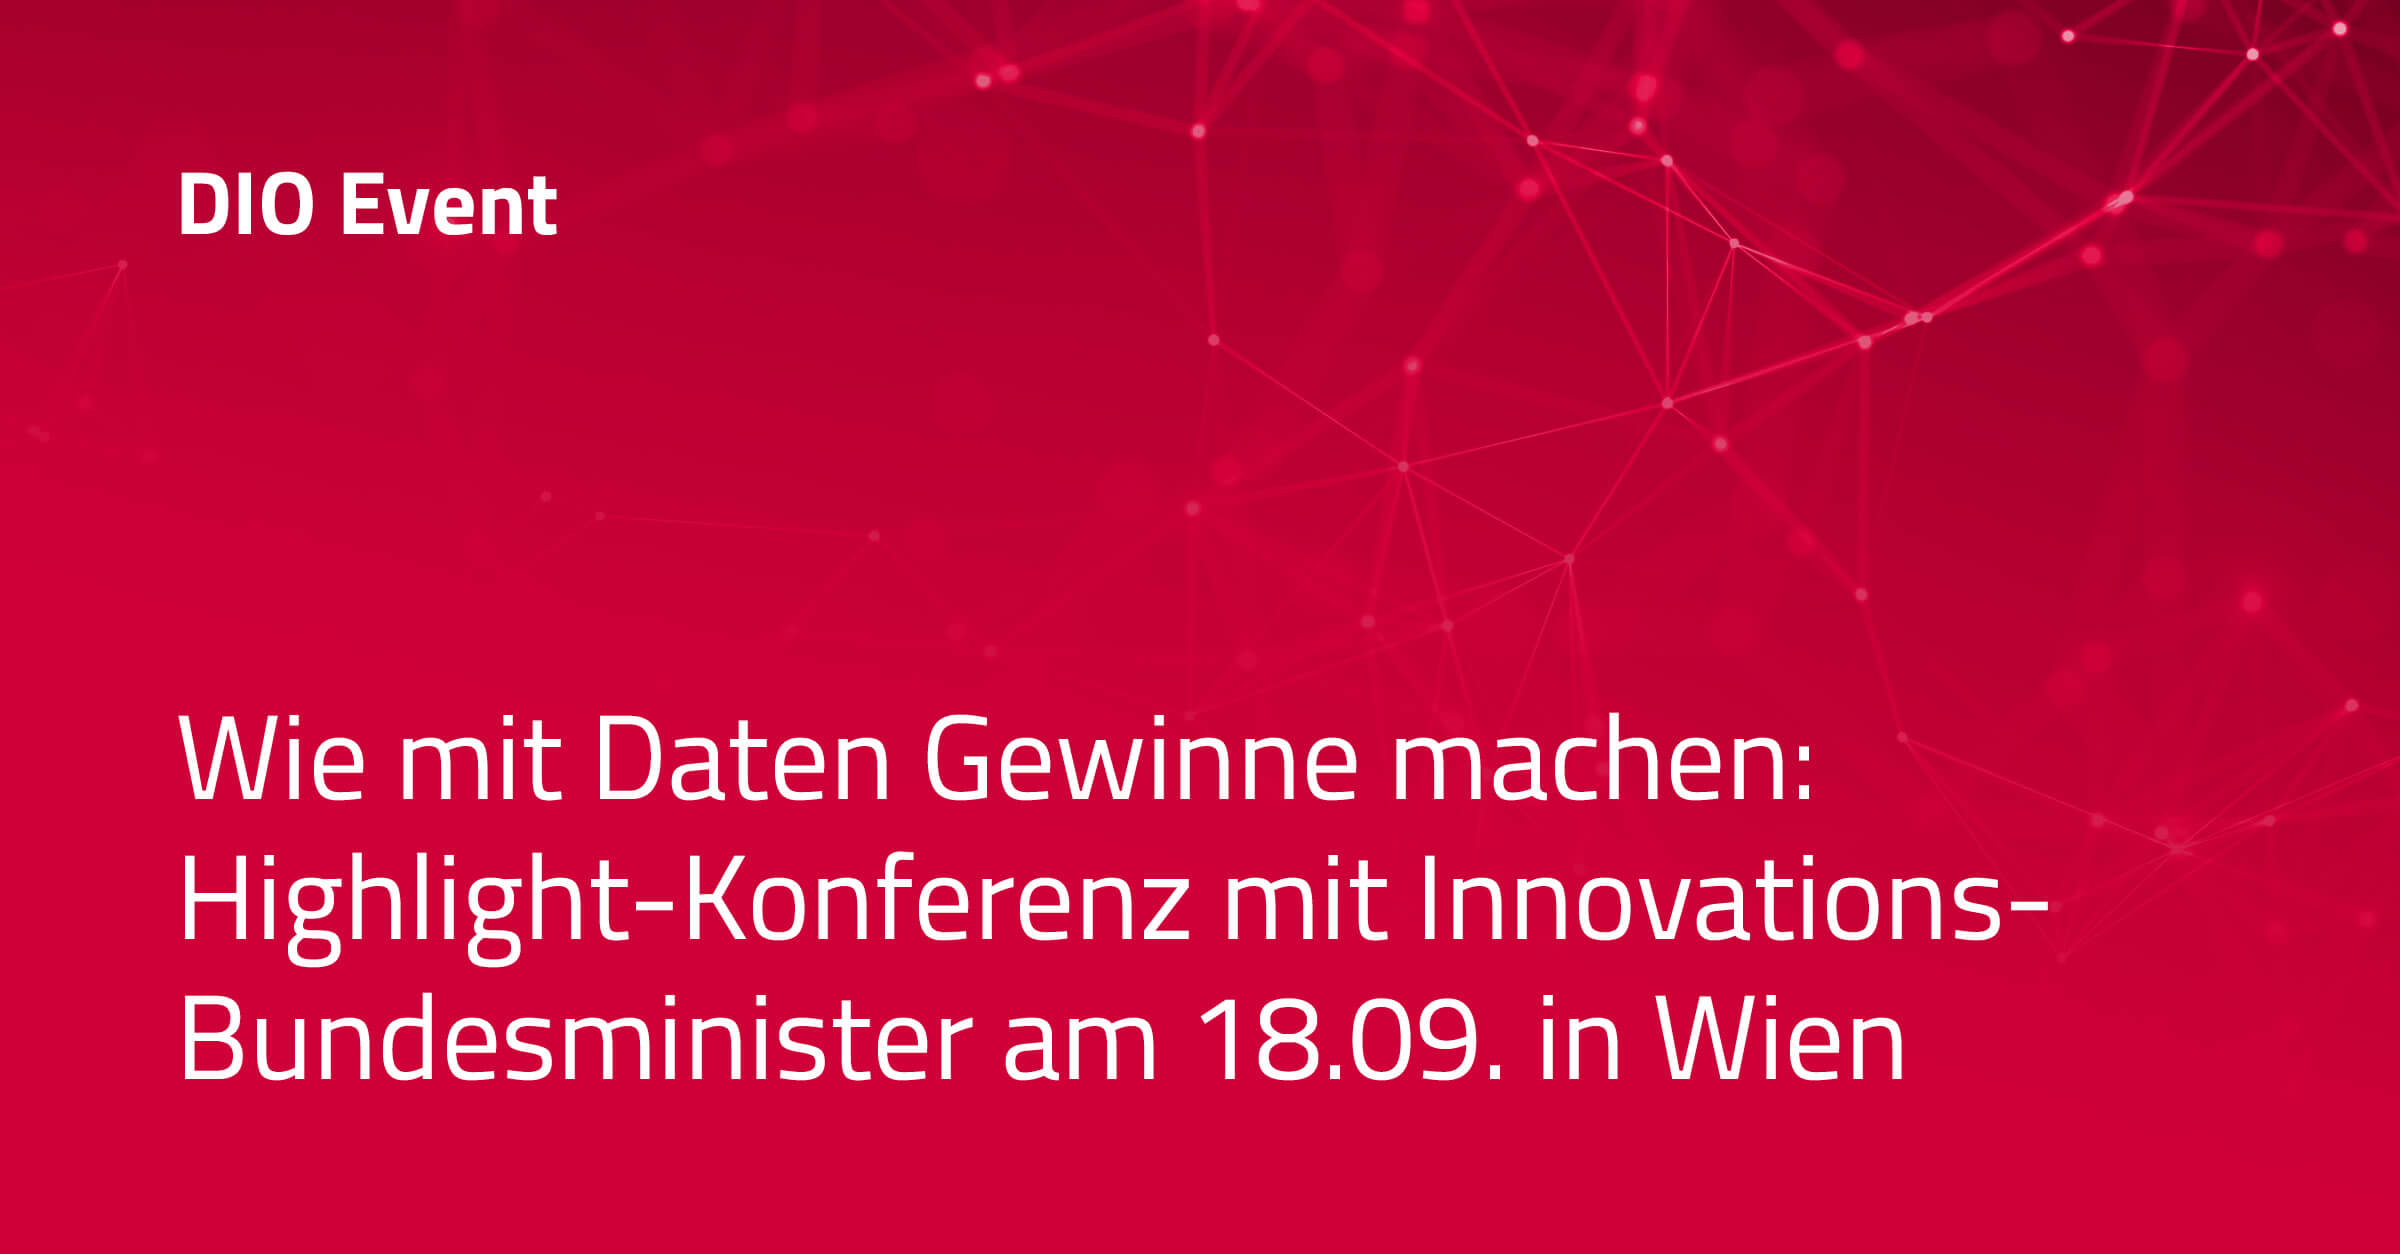 DIO_Event_DatenGewinne